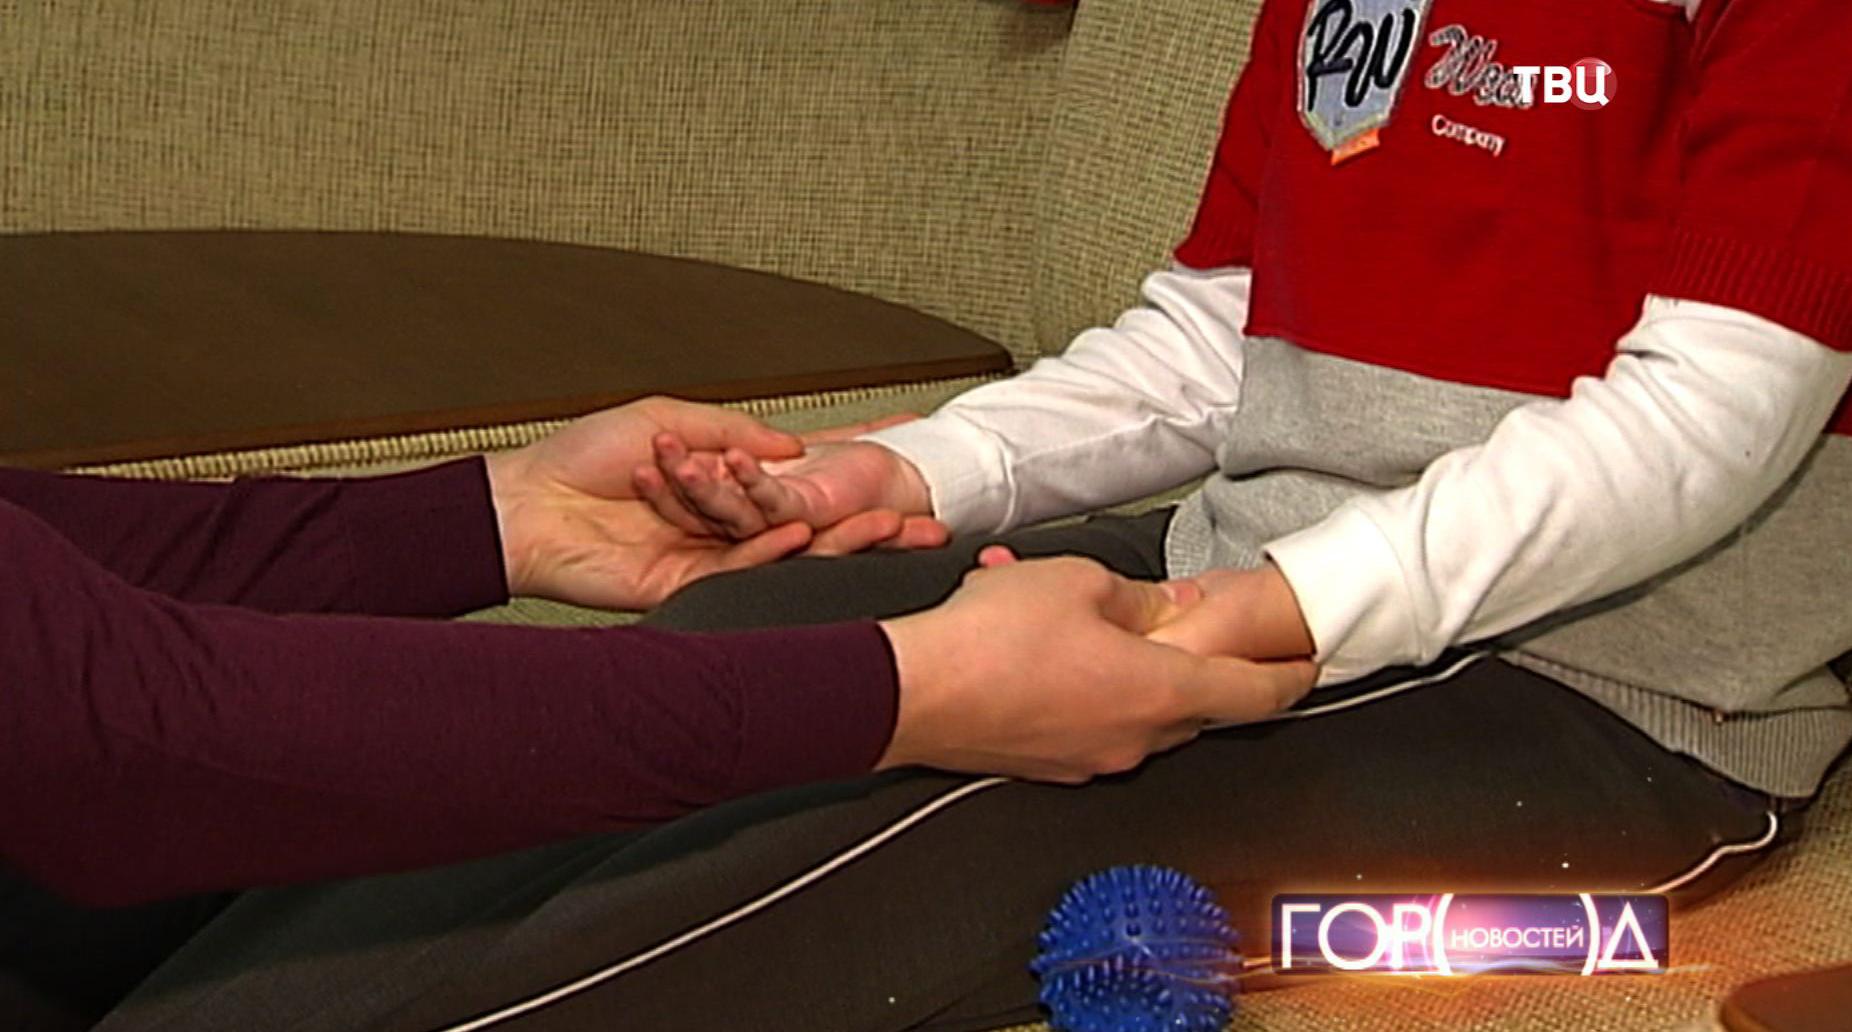 Специалист делает массаж ребенку